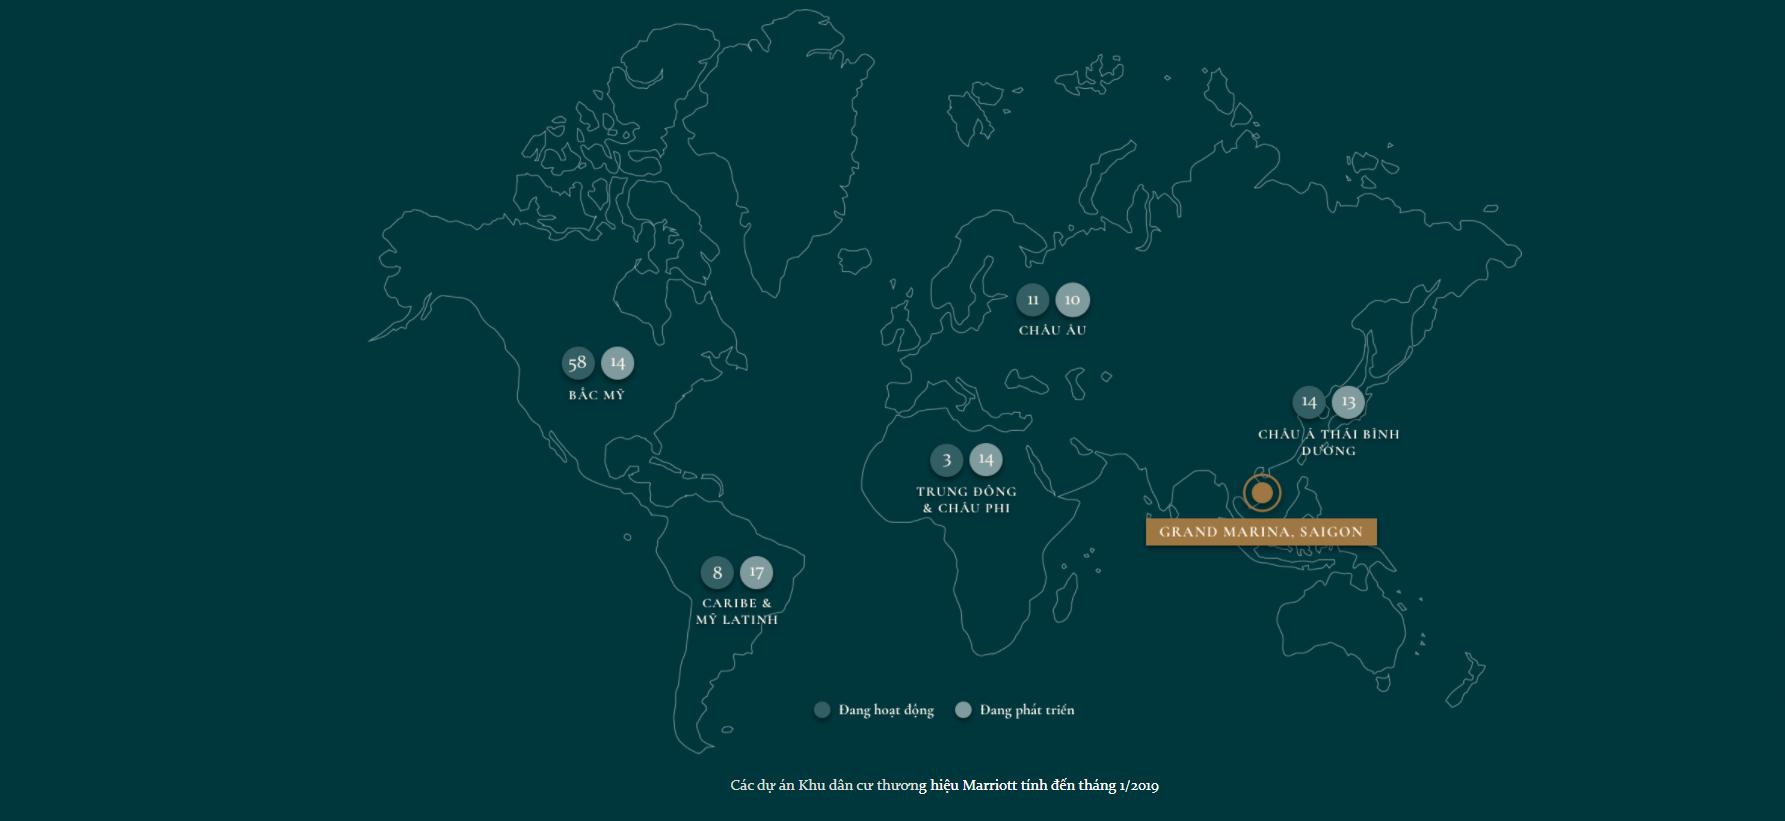 Hệ thống thương hiệu khách sạn Marriott trên toàn thế giới